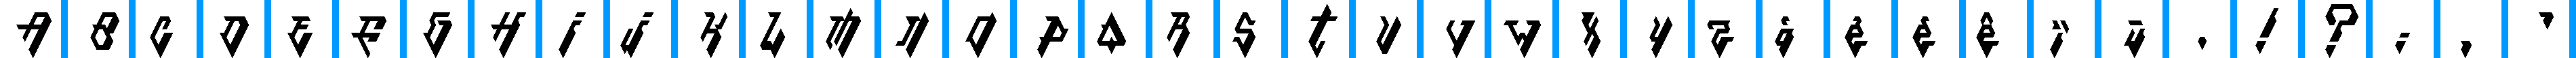 Particip-a-type v.25